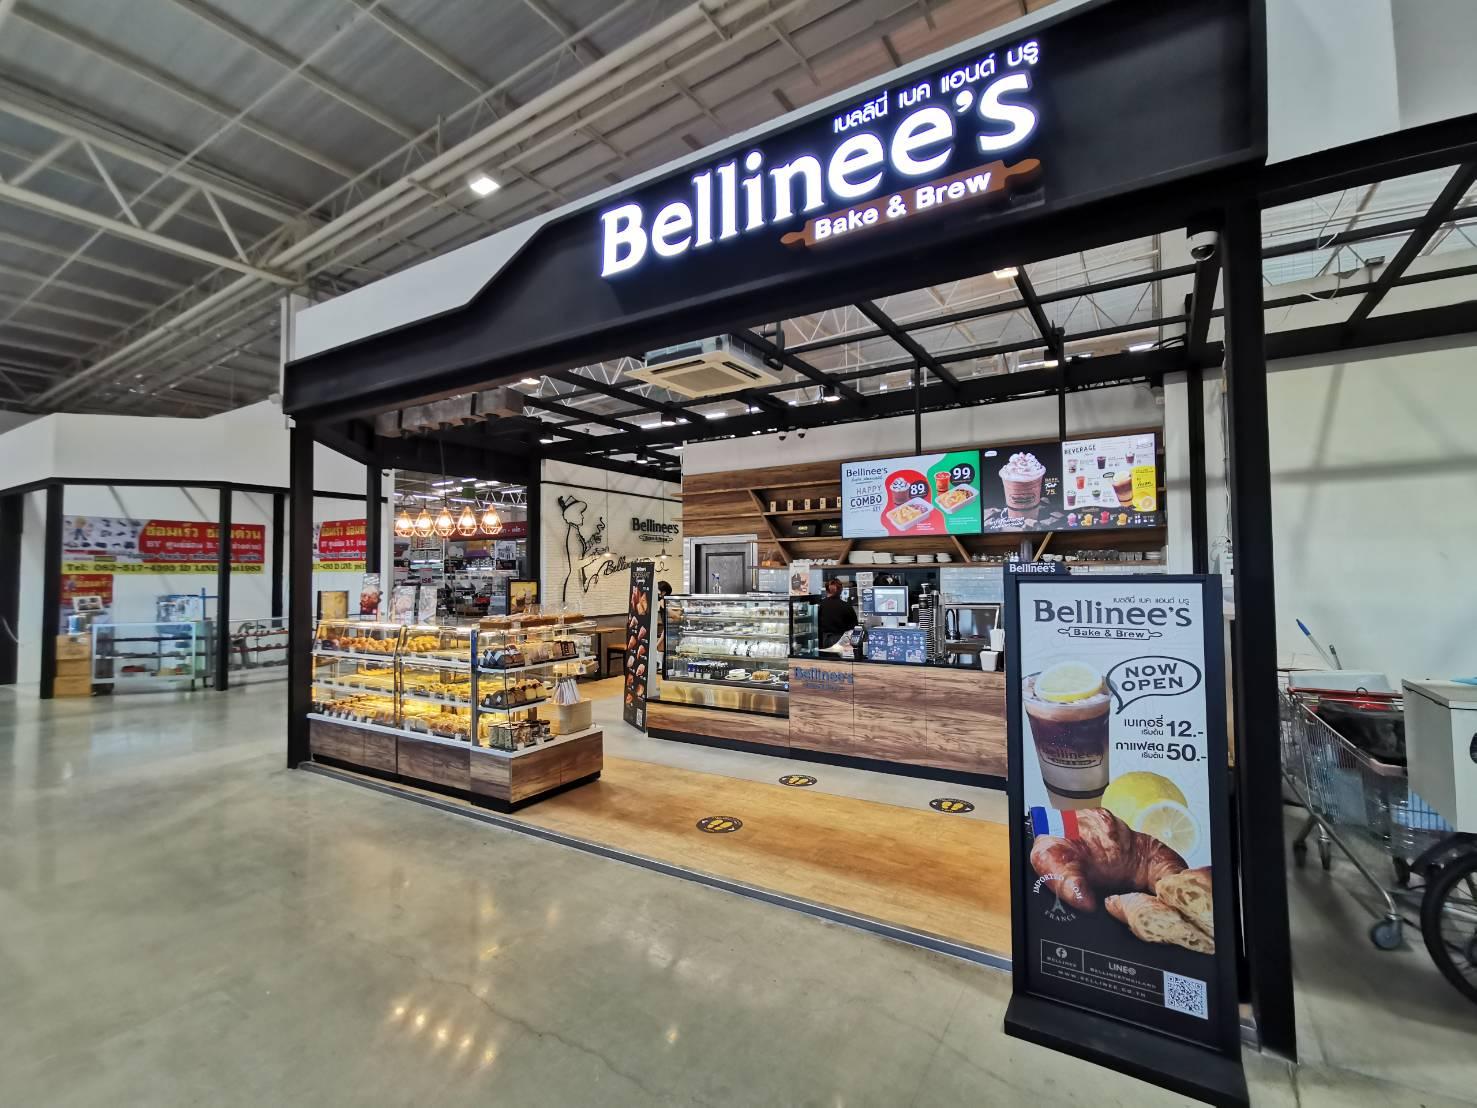 Bellinee's